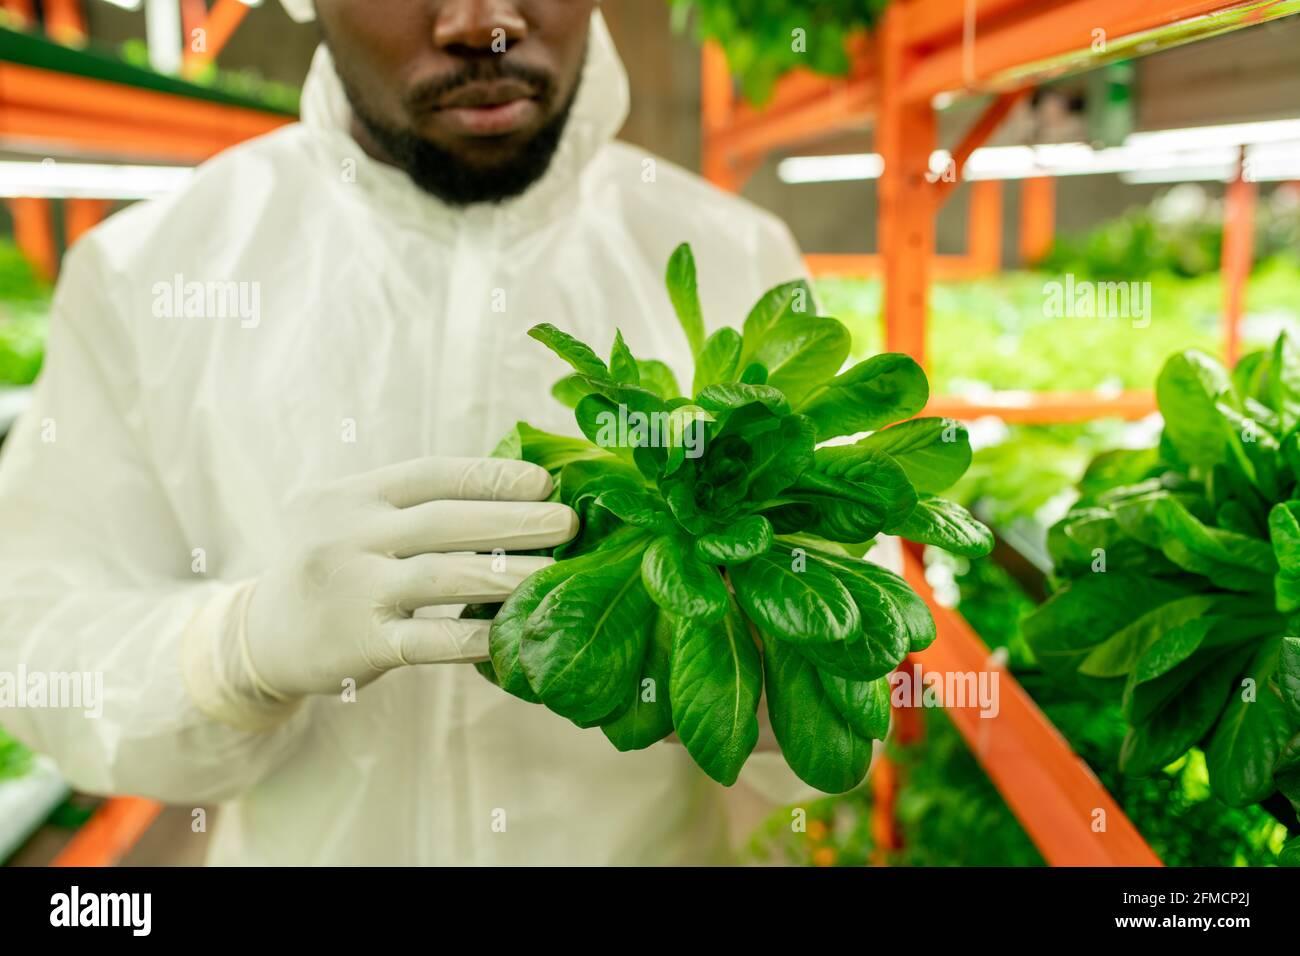 Nahaufnahme eines schwarzen Landtechnikers in Handschuhen mit Salatblättern Und die Anlage im Gewächshaus inspizieren Stockfoto